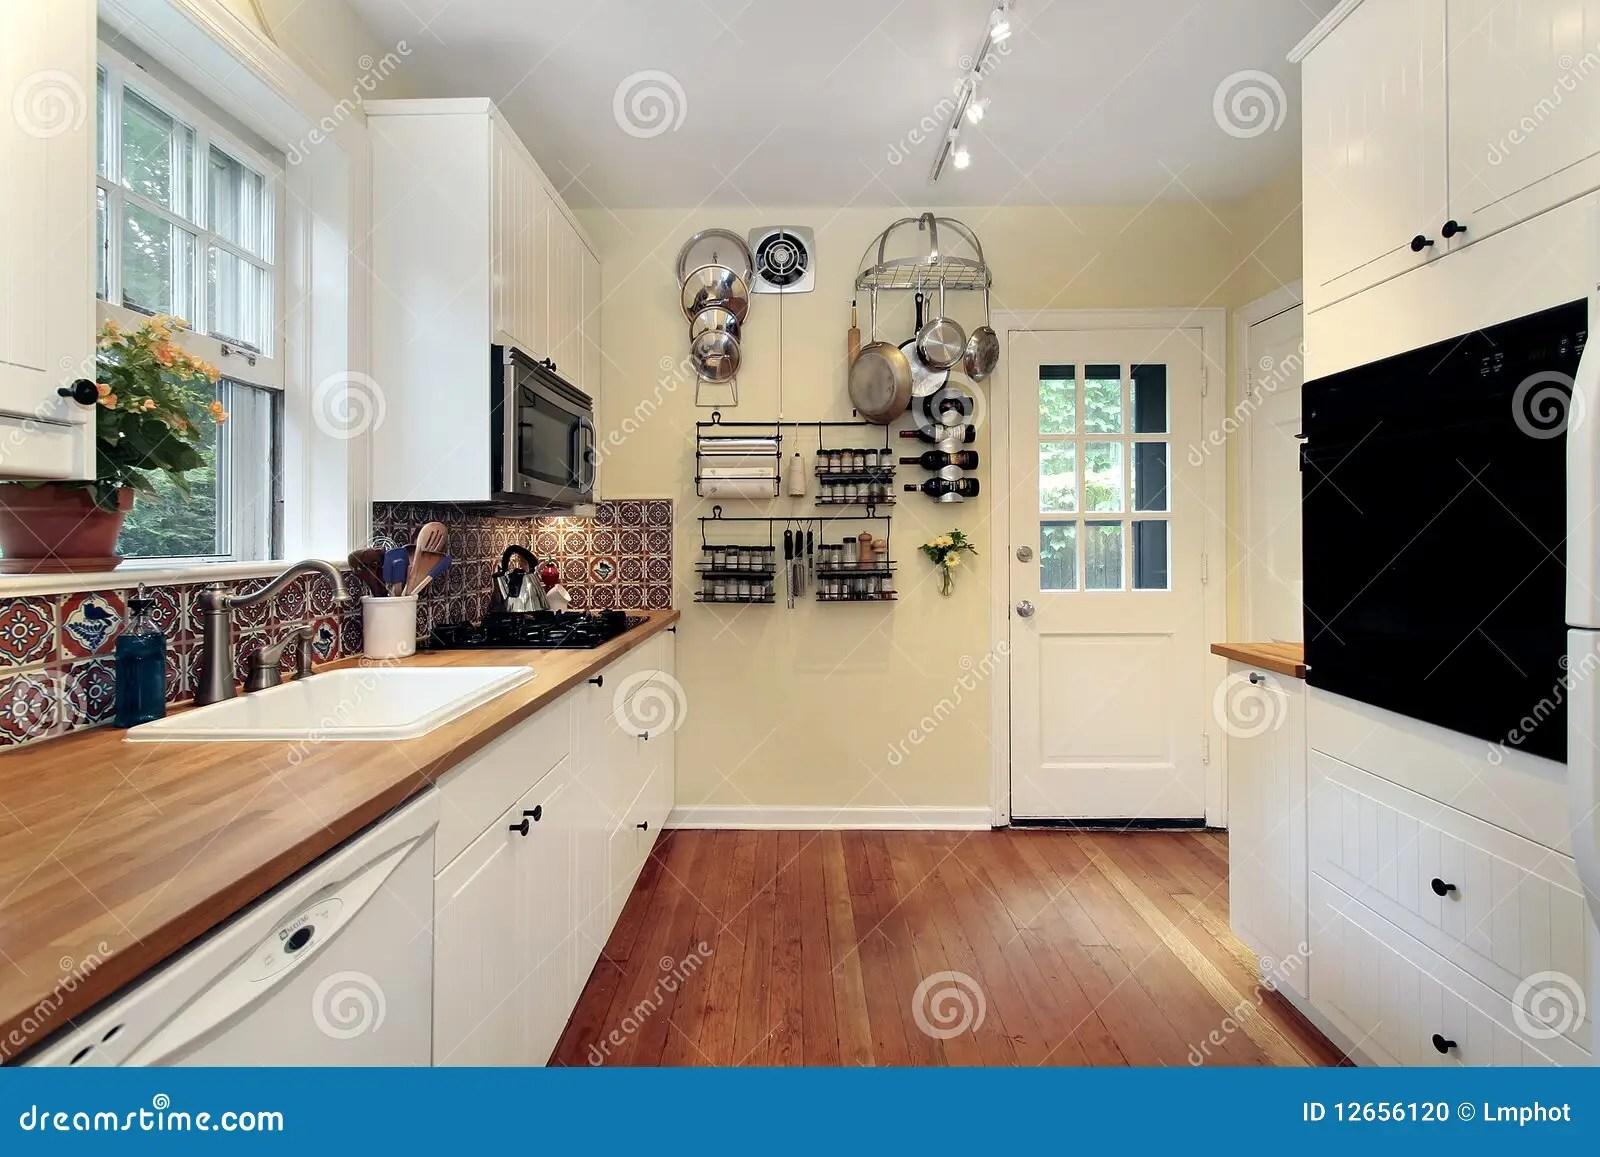 Cucina Con I Pavimenti Di Legno Della Ciliegia Fotografia Stock  Immagine 12656120